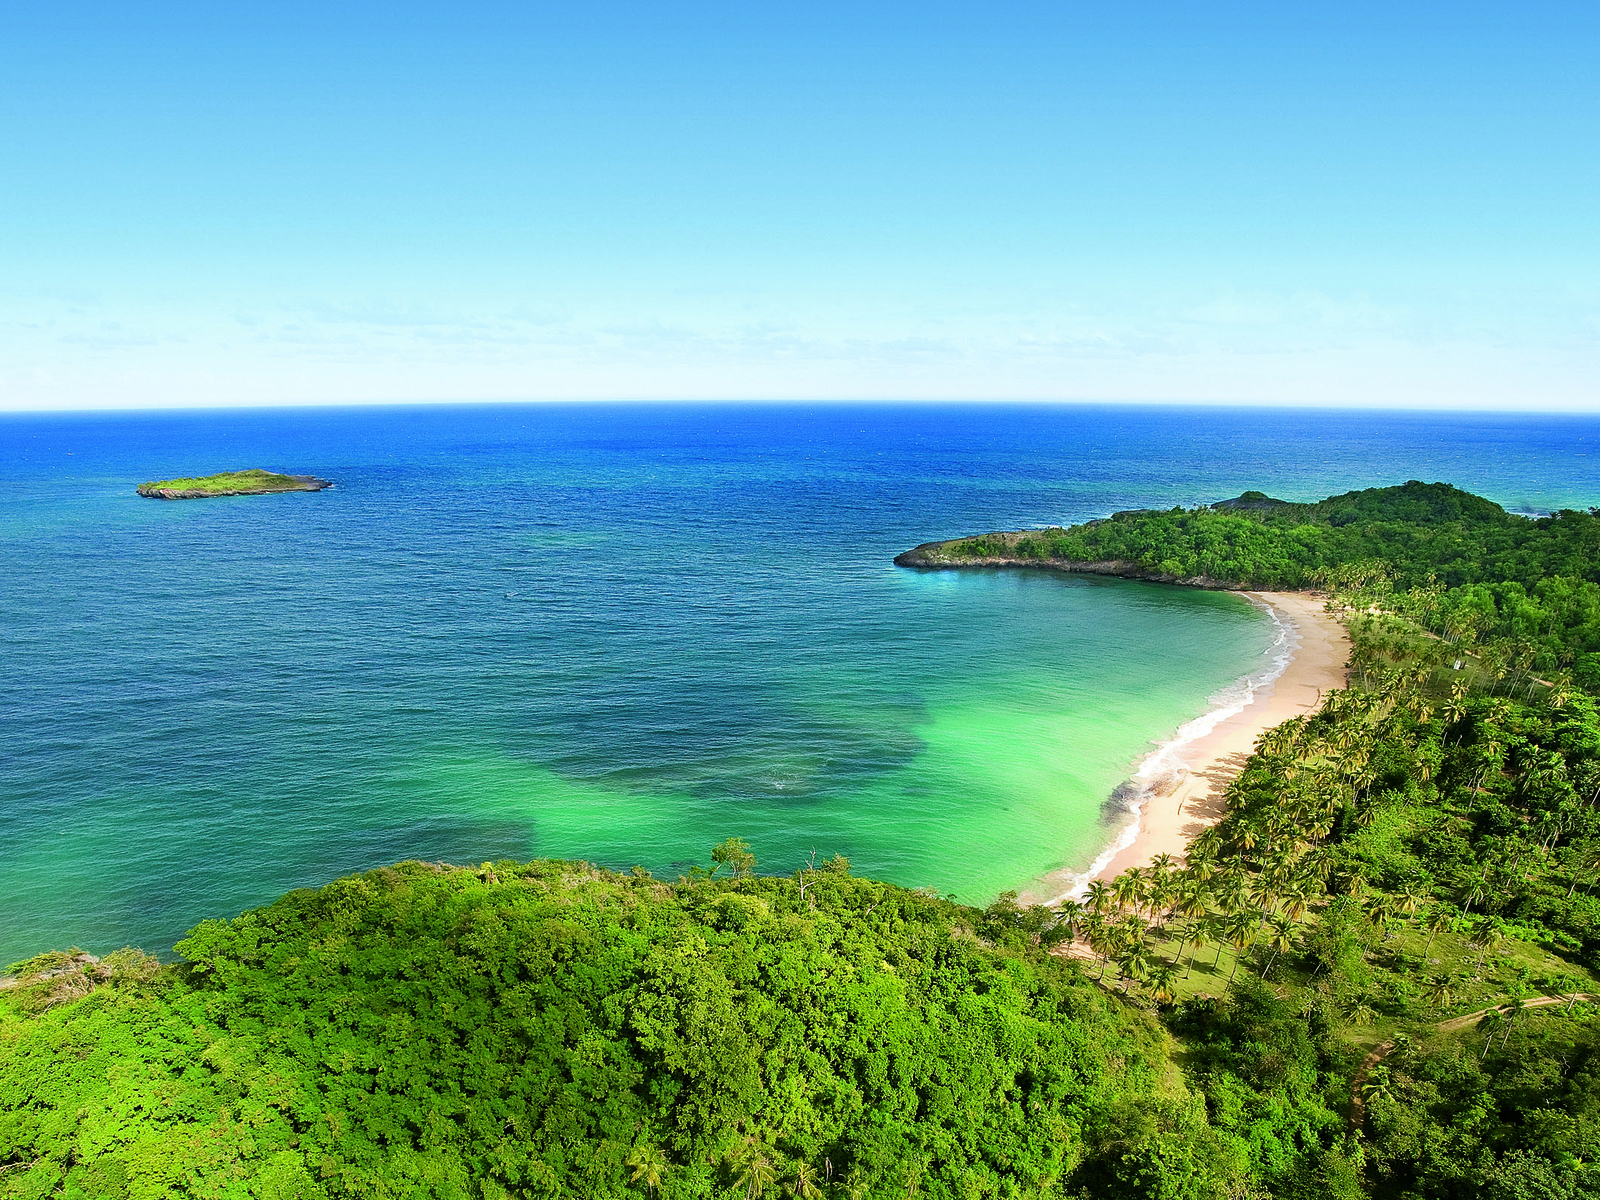 19611 скачать обои Пейзаж, Море, Пляж, Пальмы - заставки и картинки бесплатно